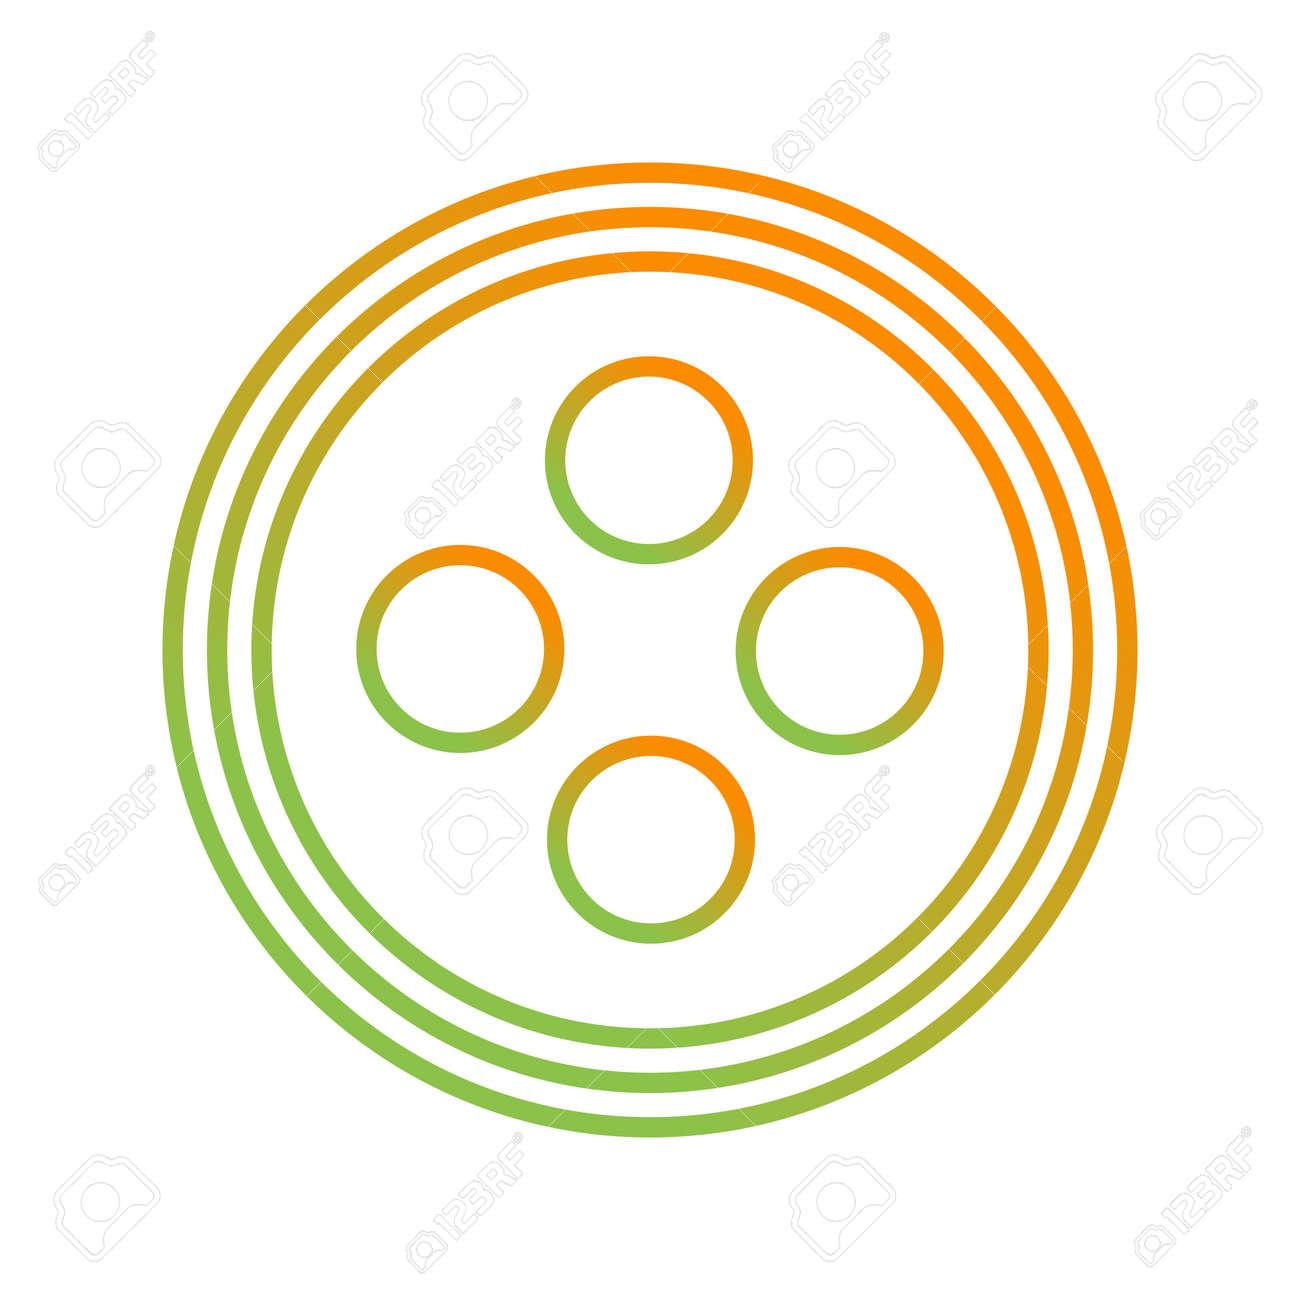 Unique Button Line Vector Icon - 167962649